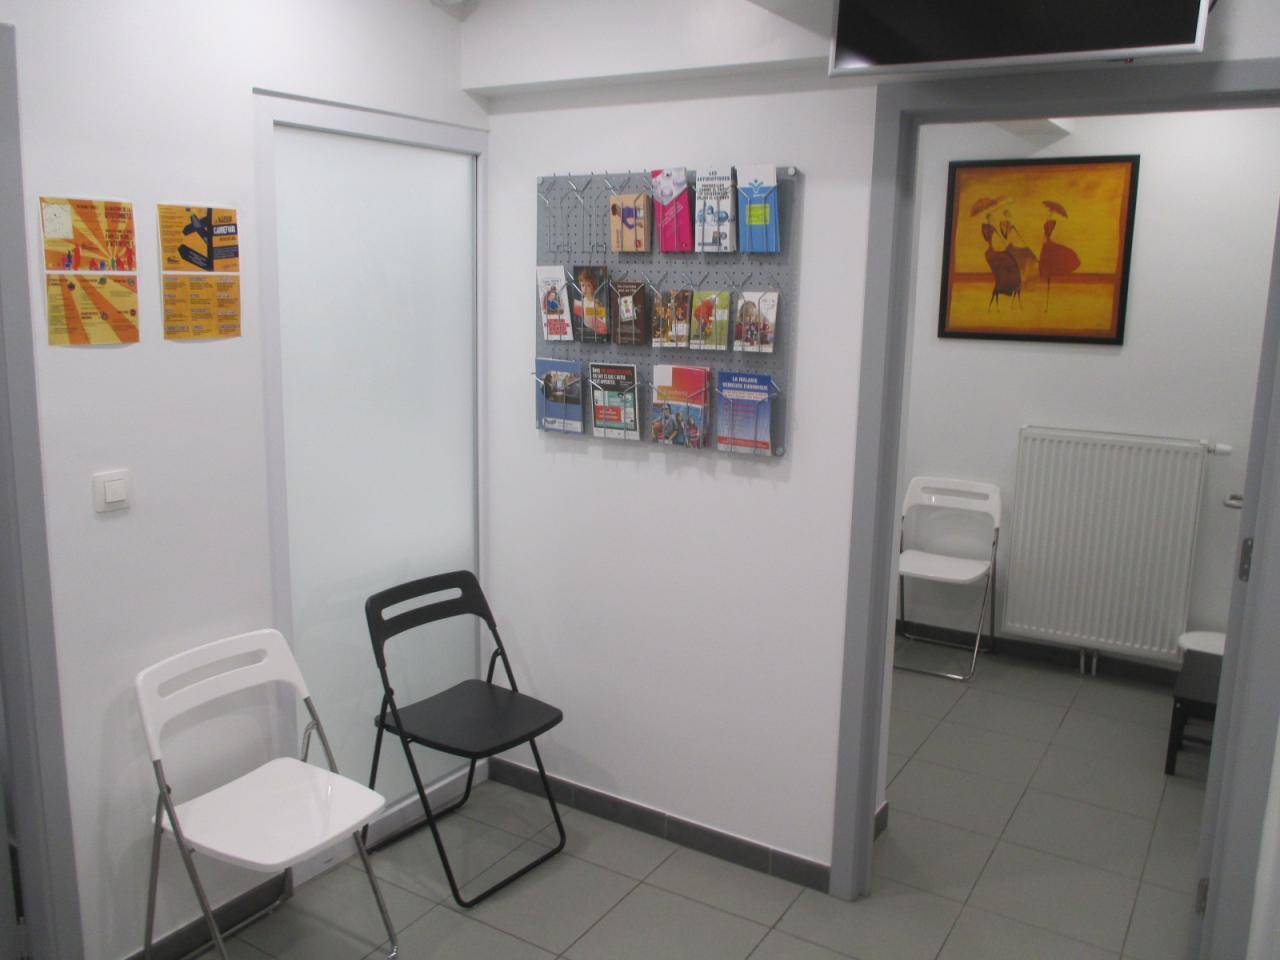 Maison Médicale Humilis : salle d'attente arrière et coin enfants